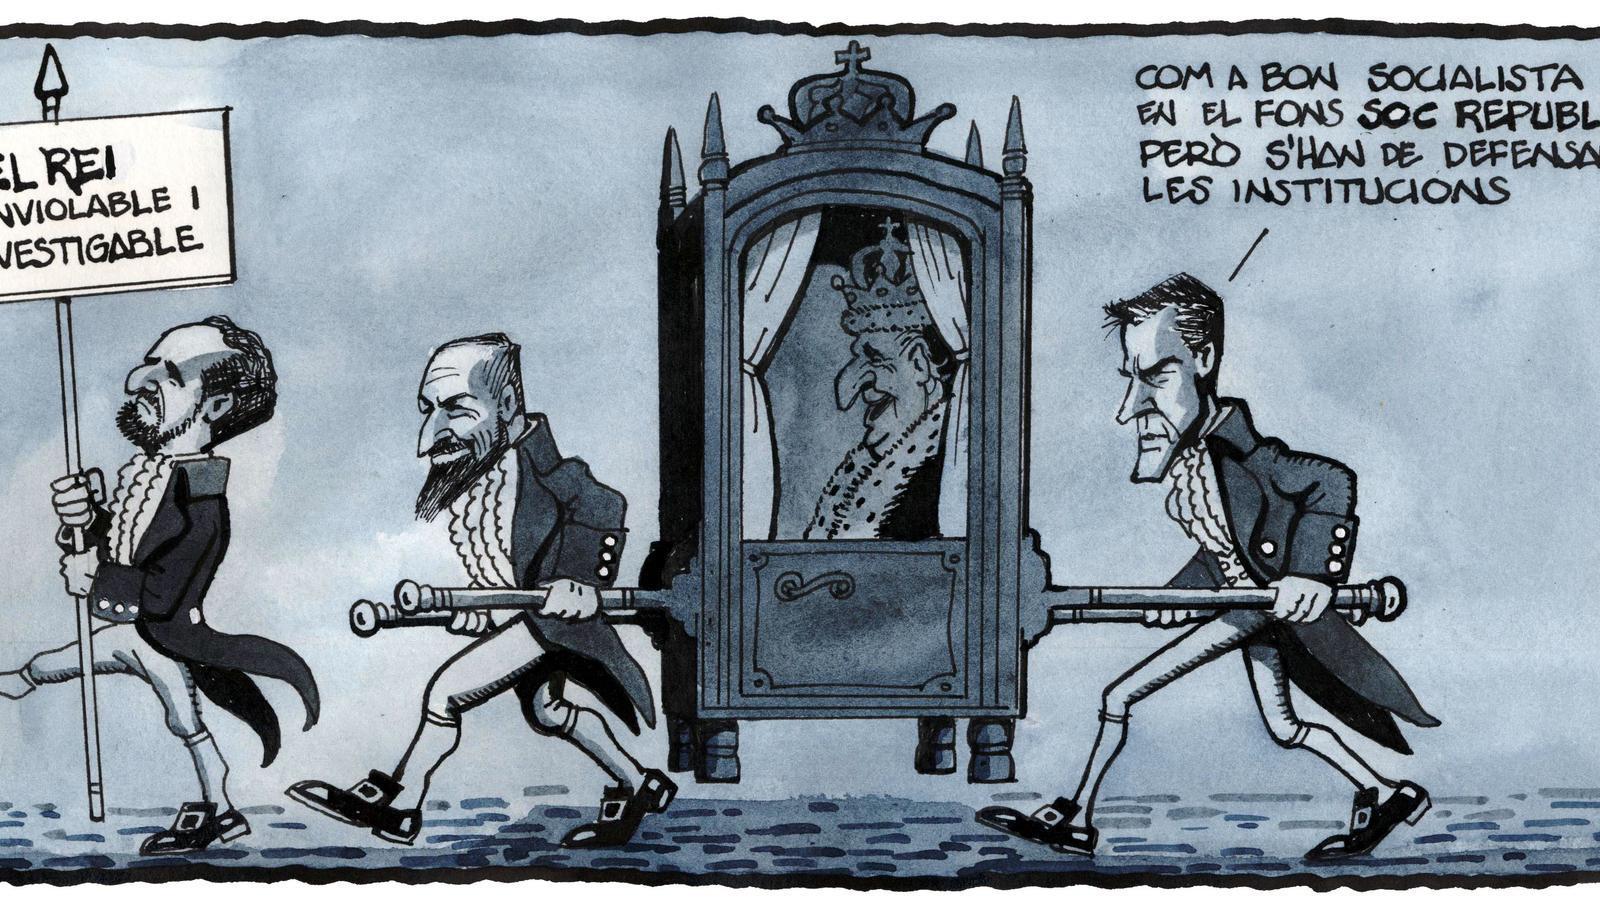 'A la contra', per Ferreres 17/01/2021